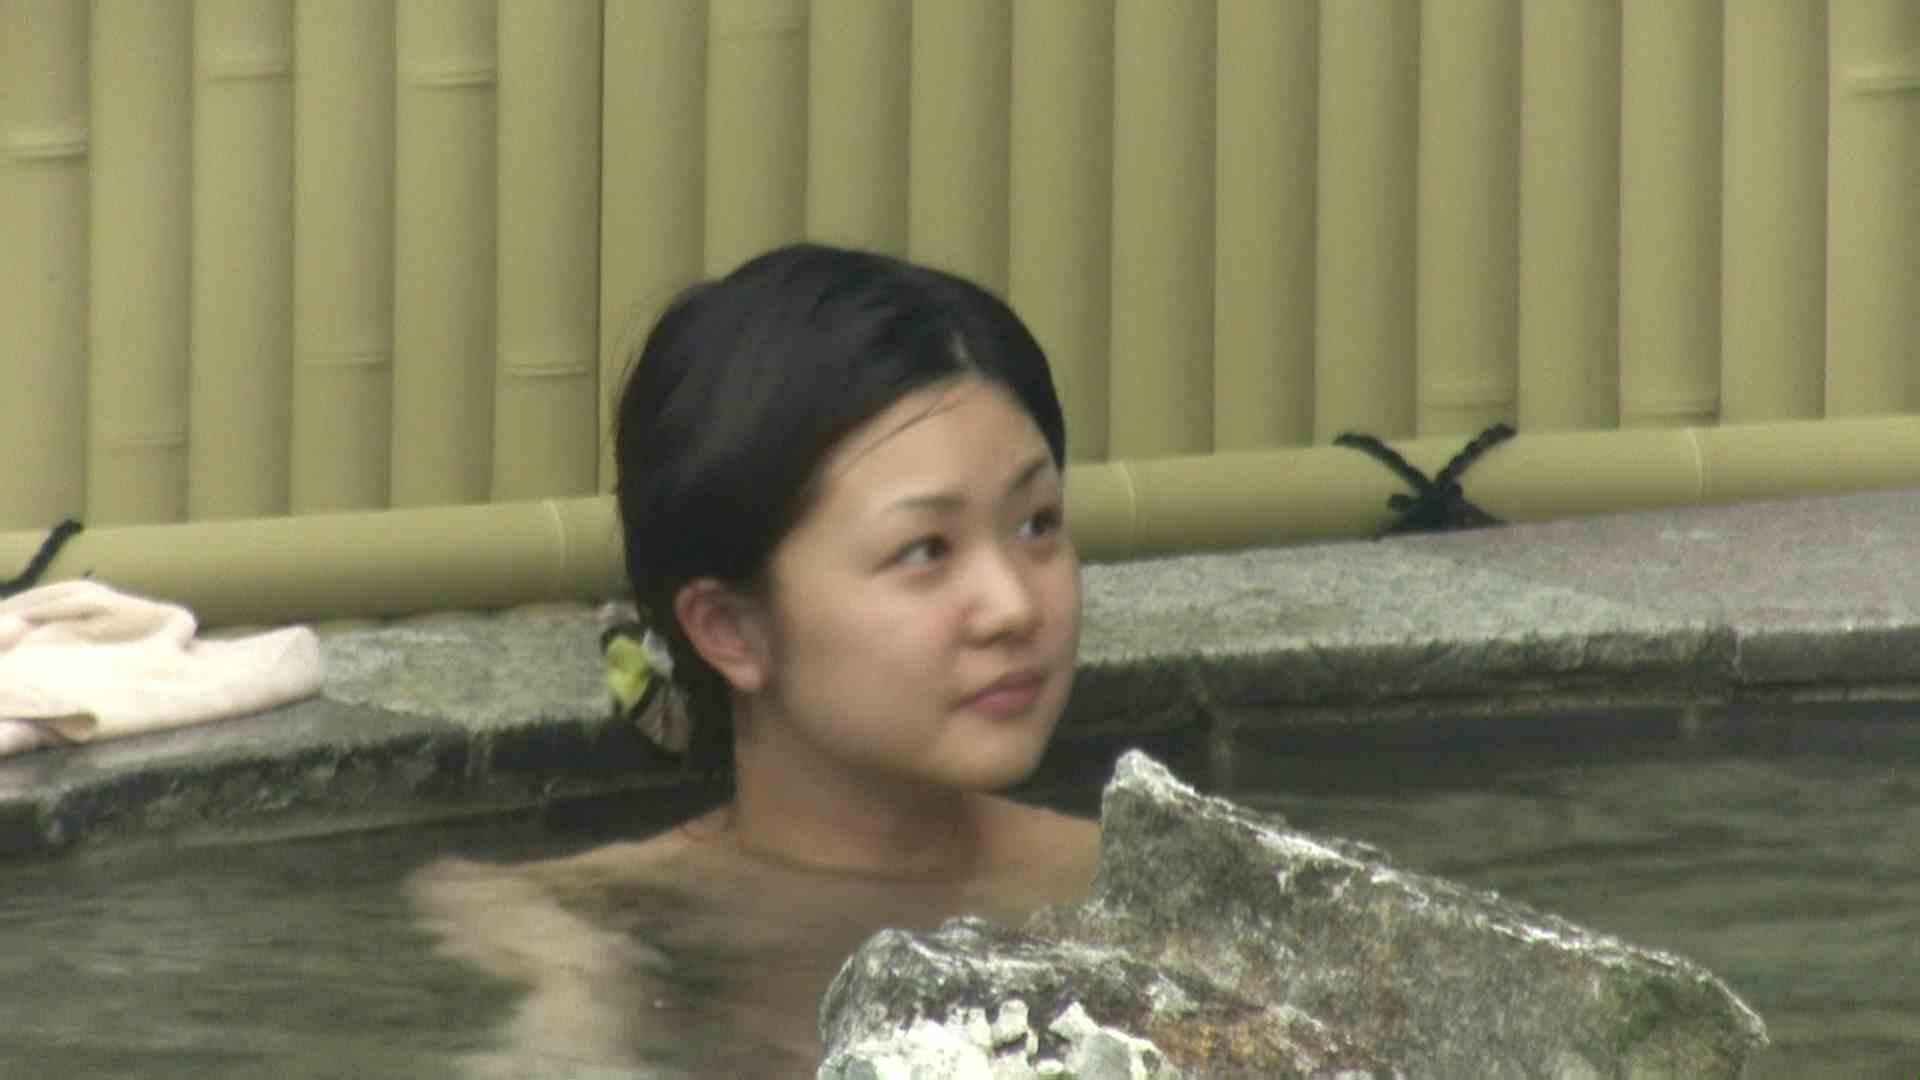 高画質露天女風呂観察 vol.032 高画質 | 乙女  54画像 15